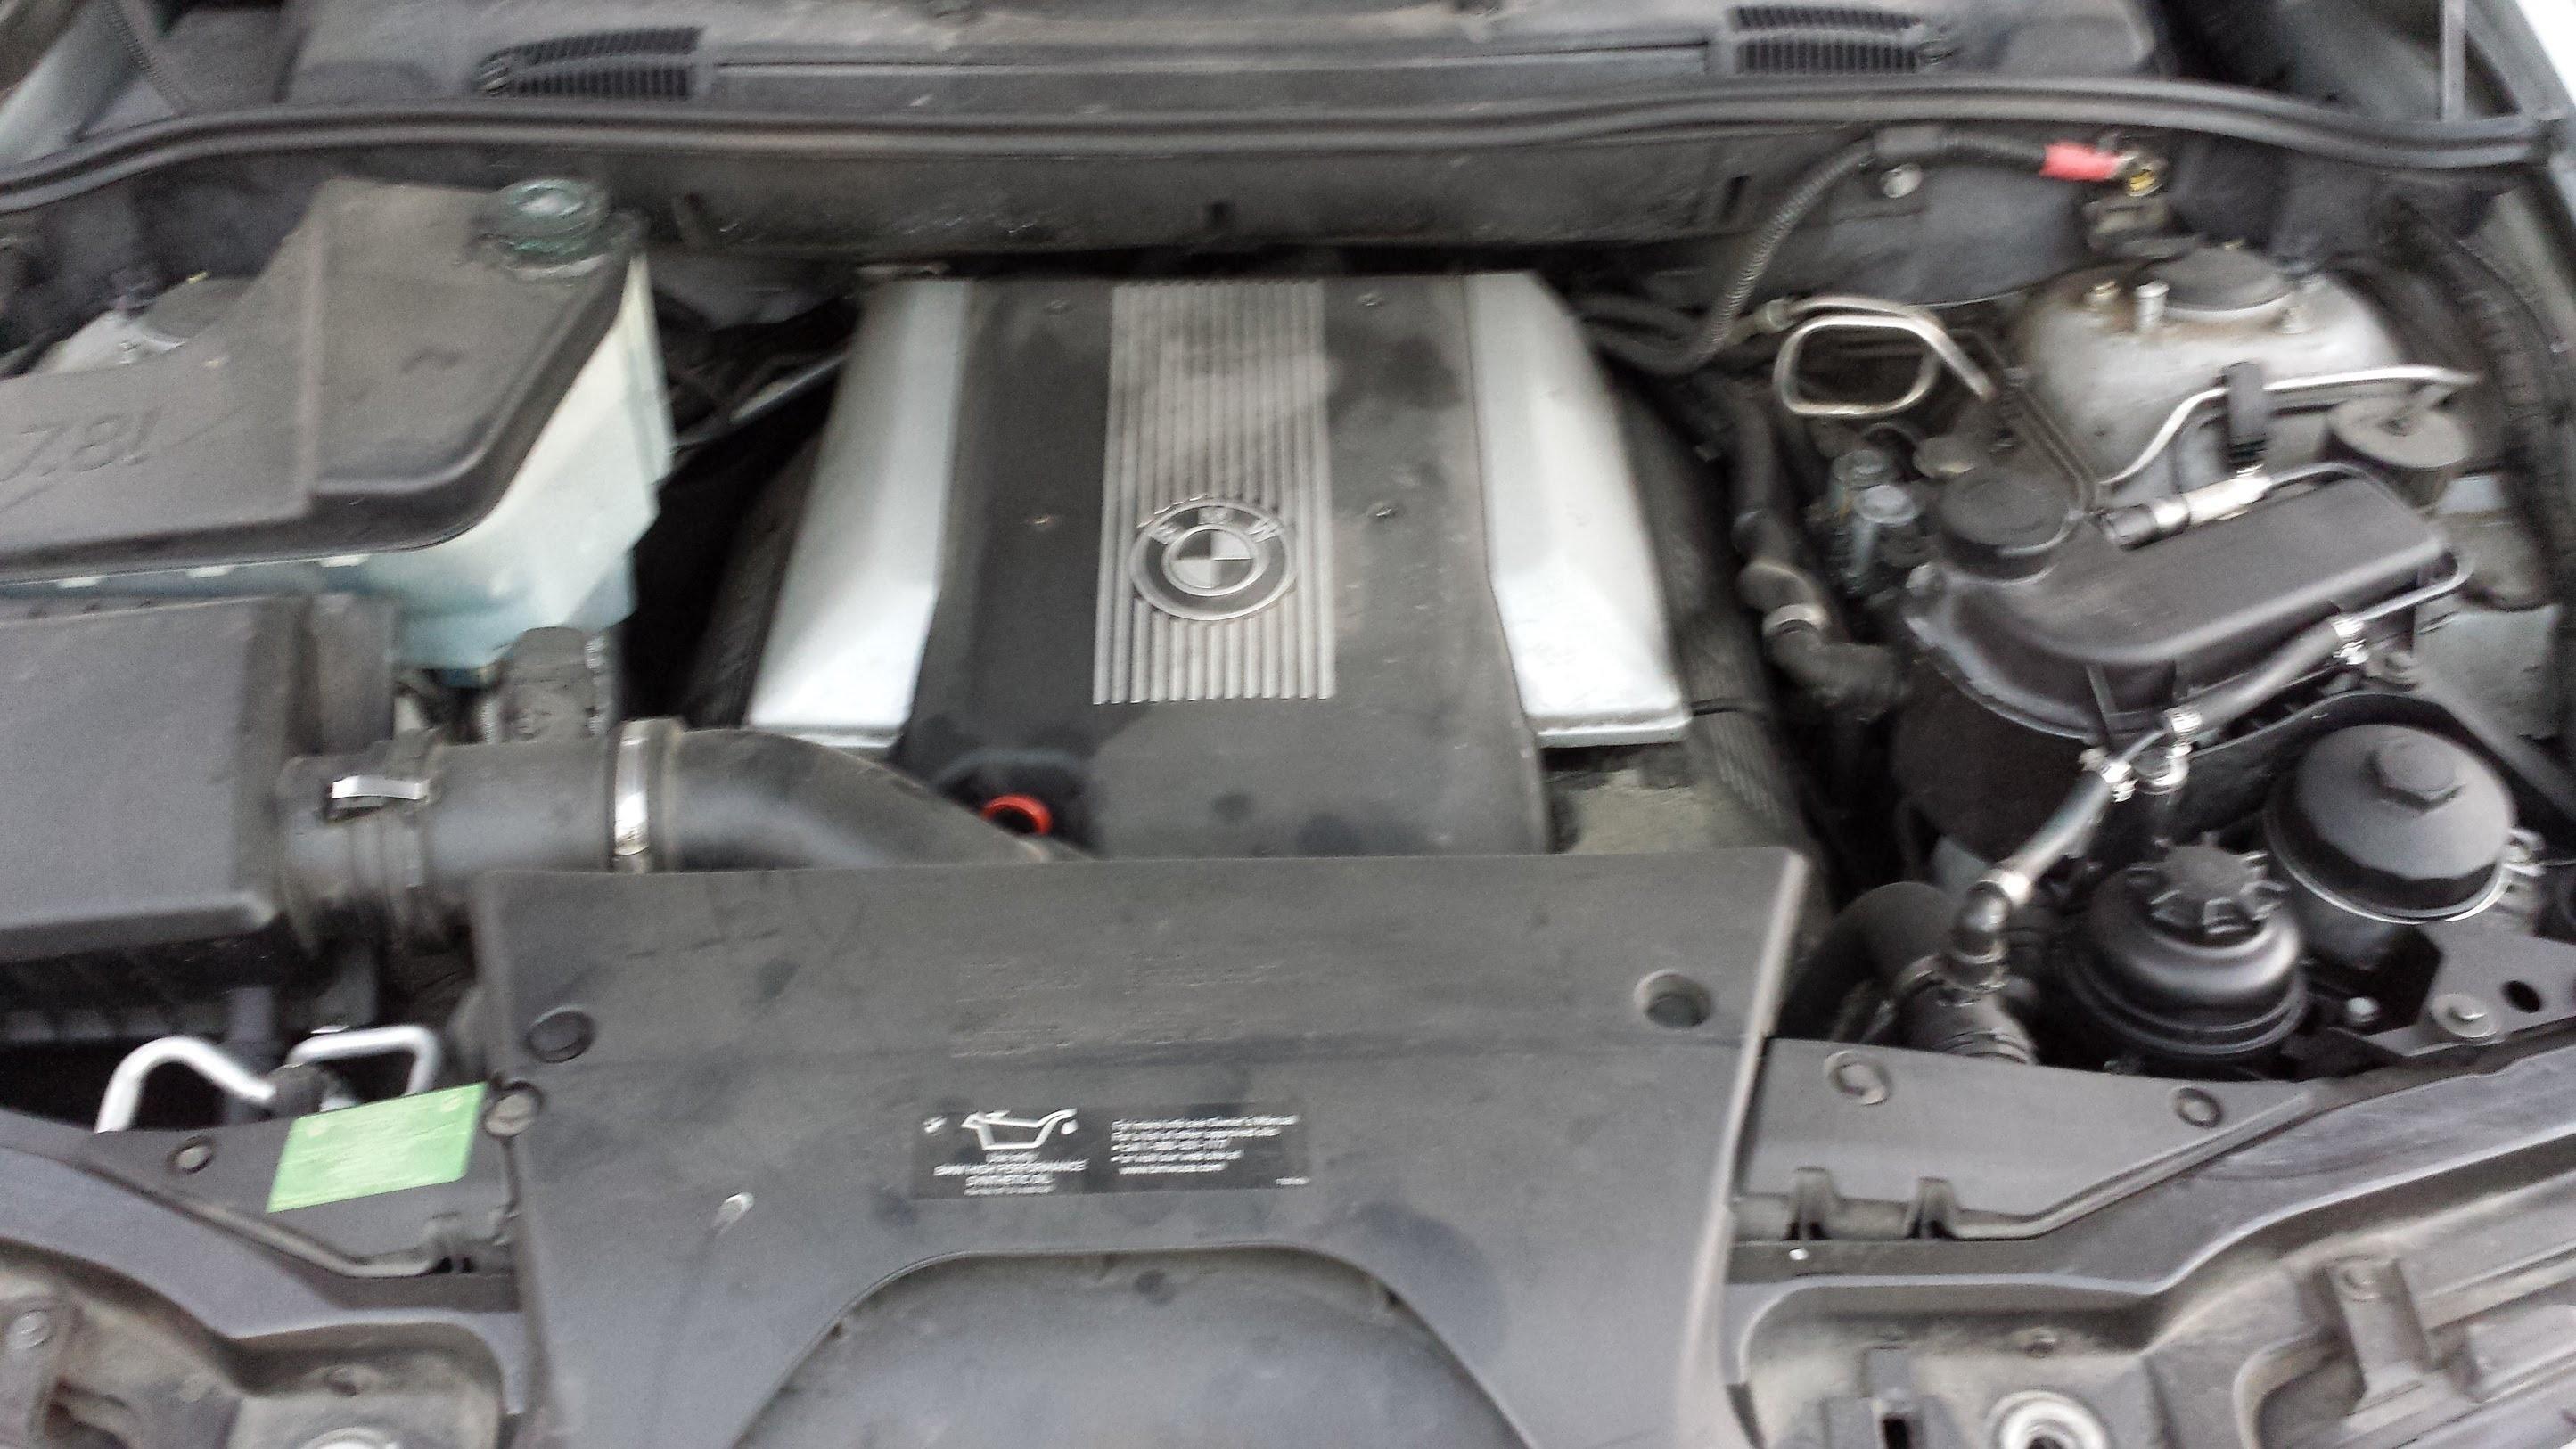 Bmw 318ti Engine Diagram Bmw E53 X5 4 4 Vanos Engine Diagram Of Bmw 318ti Engine Diagram